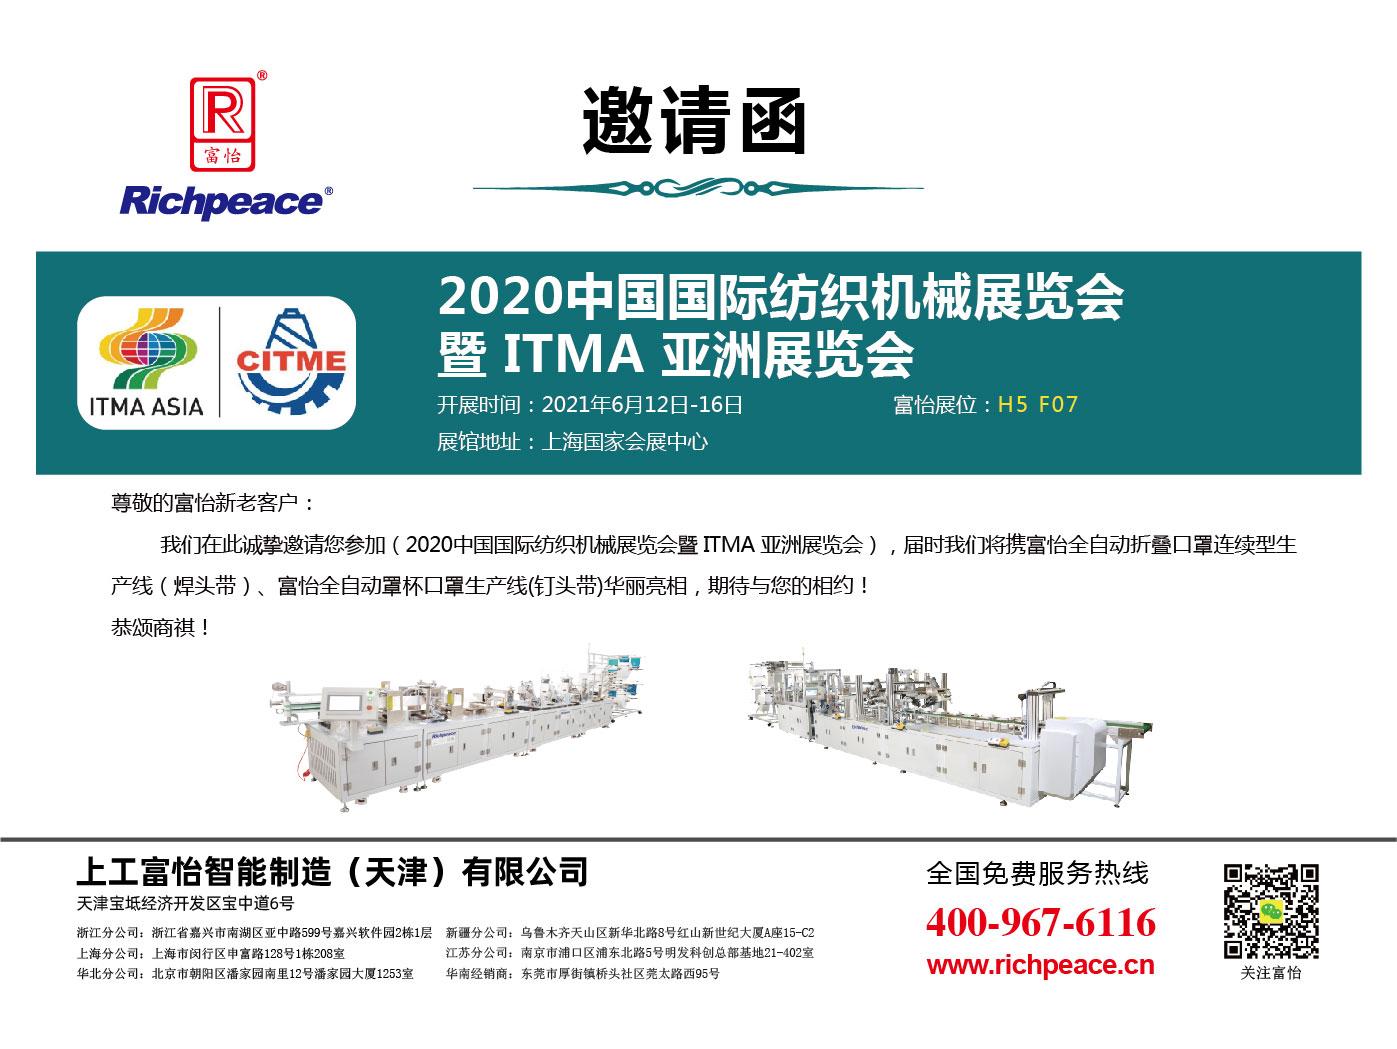 2020中国国际纺织机械展览会暨 ITMA 亚洲展览会 20210601修改-01